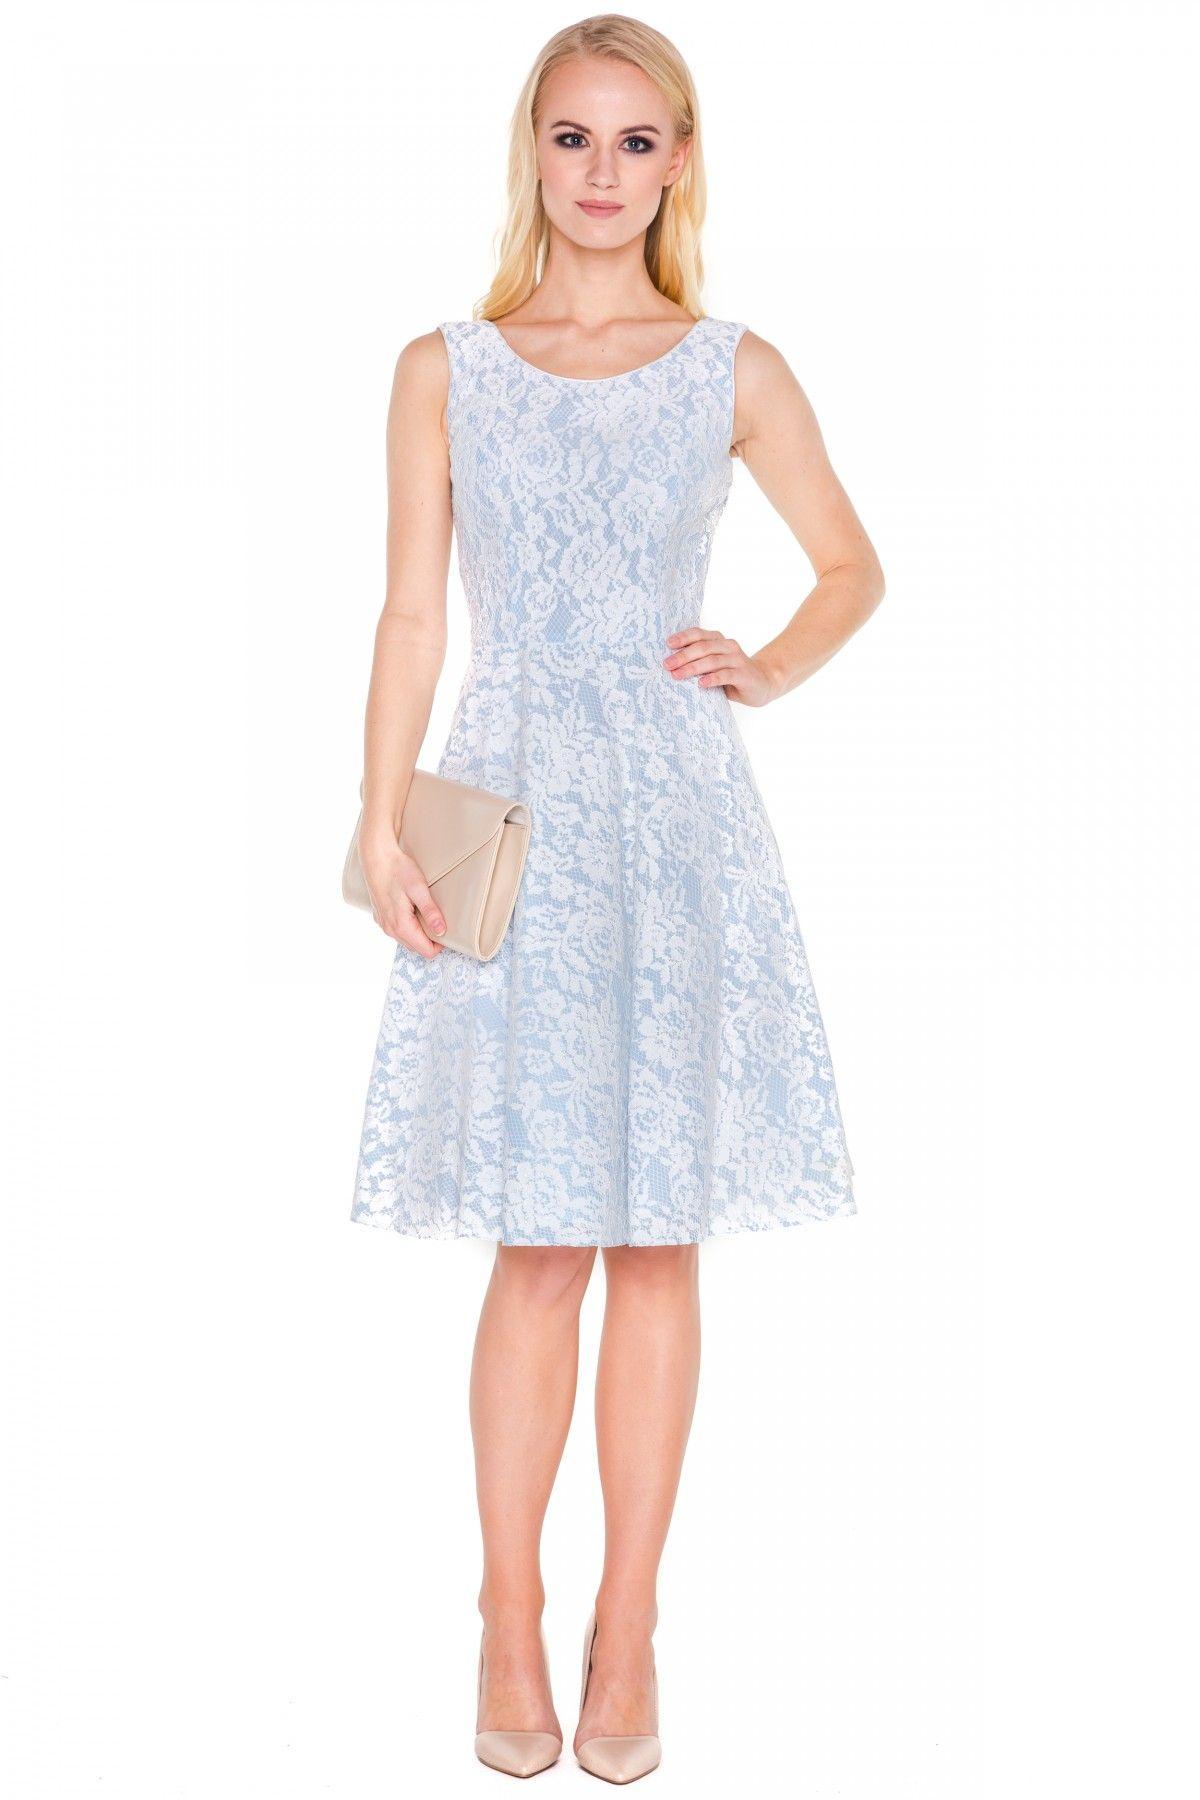 Zakupy Online Okazje Wyprzedaze Dresses Formal Dresses Cocktail Dress